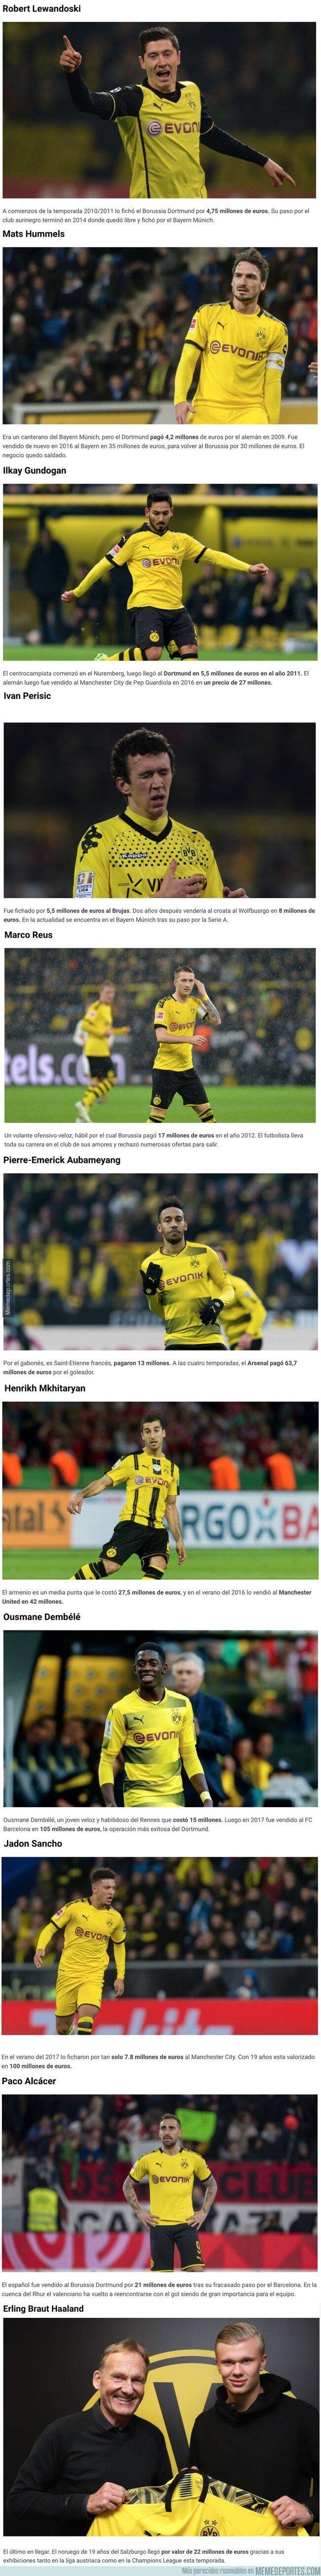 1094667 - Las 11 estrellas que fichó el Borussia Dortmund esta década por tan solo 127 millones de euros